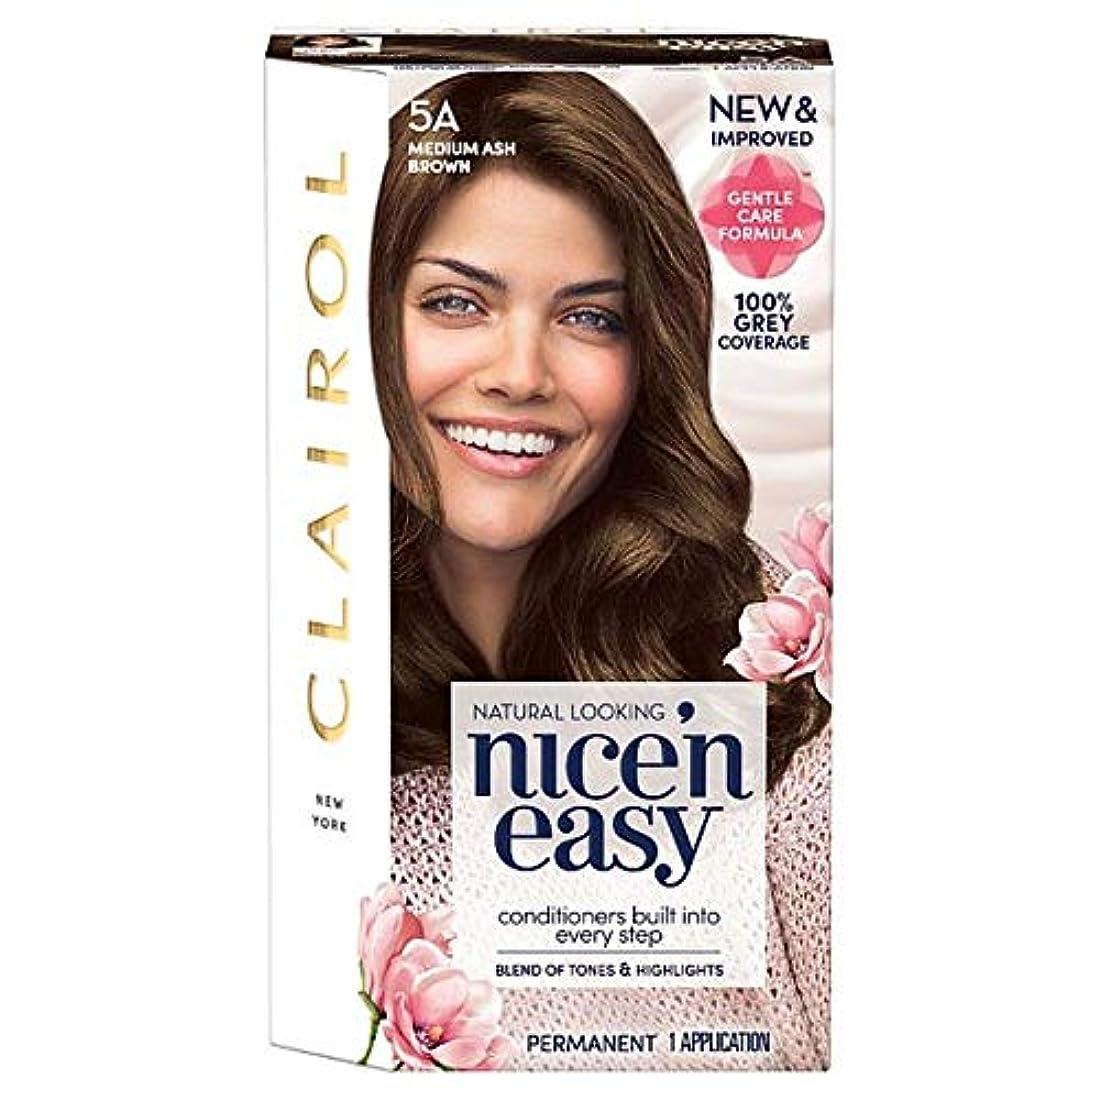 子豚発生する派生する[Nice'n Easy] クレイロール素敵な「N簡単にメディアアッシュブラウン5Aの染毛剤 - Clairol Nice 'N Easy Medium Ash Brown 5A Hair Dye [並行輸入品]